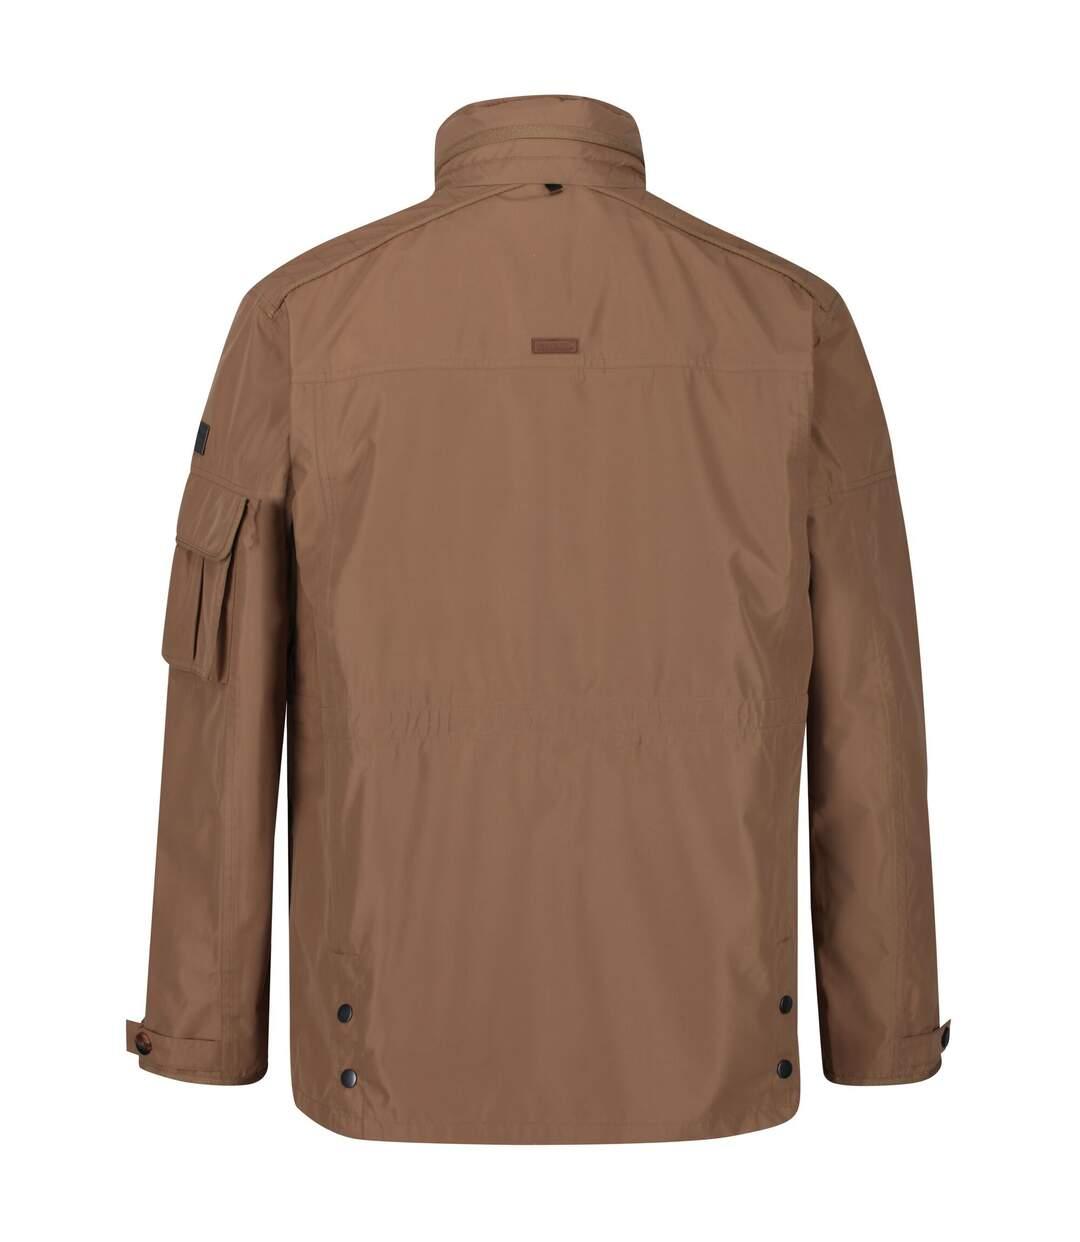 Regatta Mens Elmore Waterproof Cargo Jacket (Dark Camel) - UTRG4895